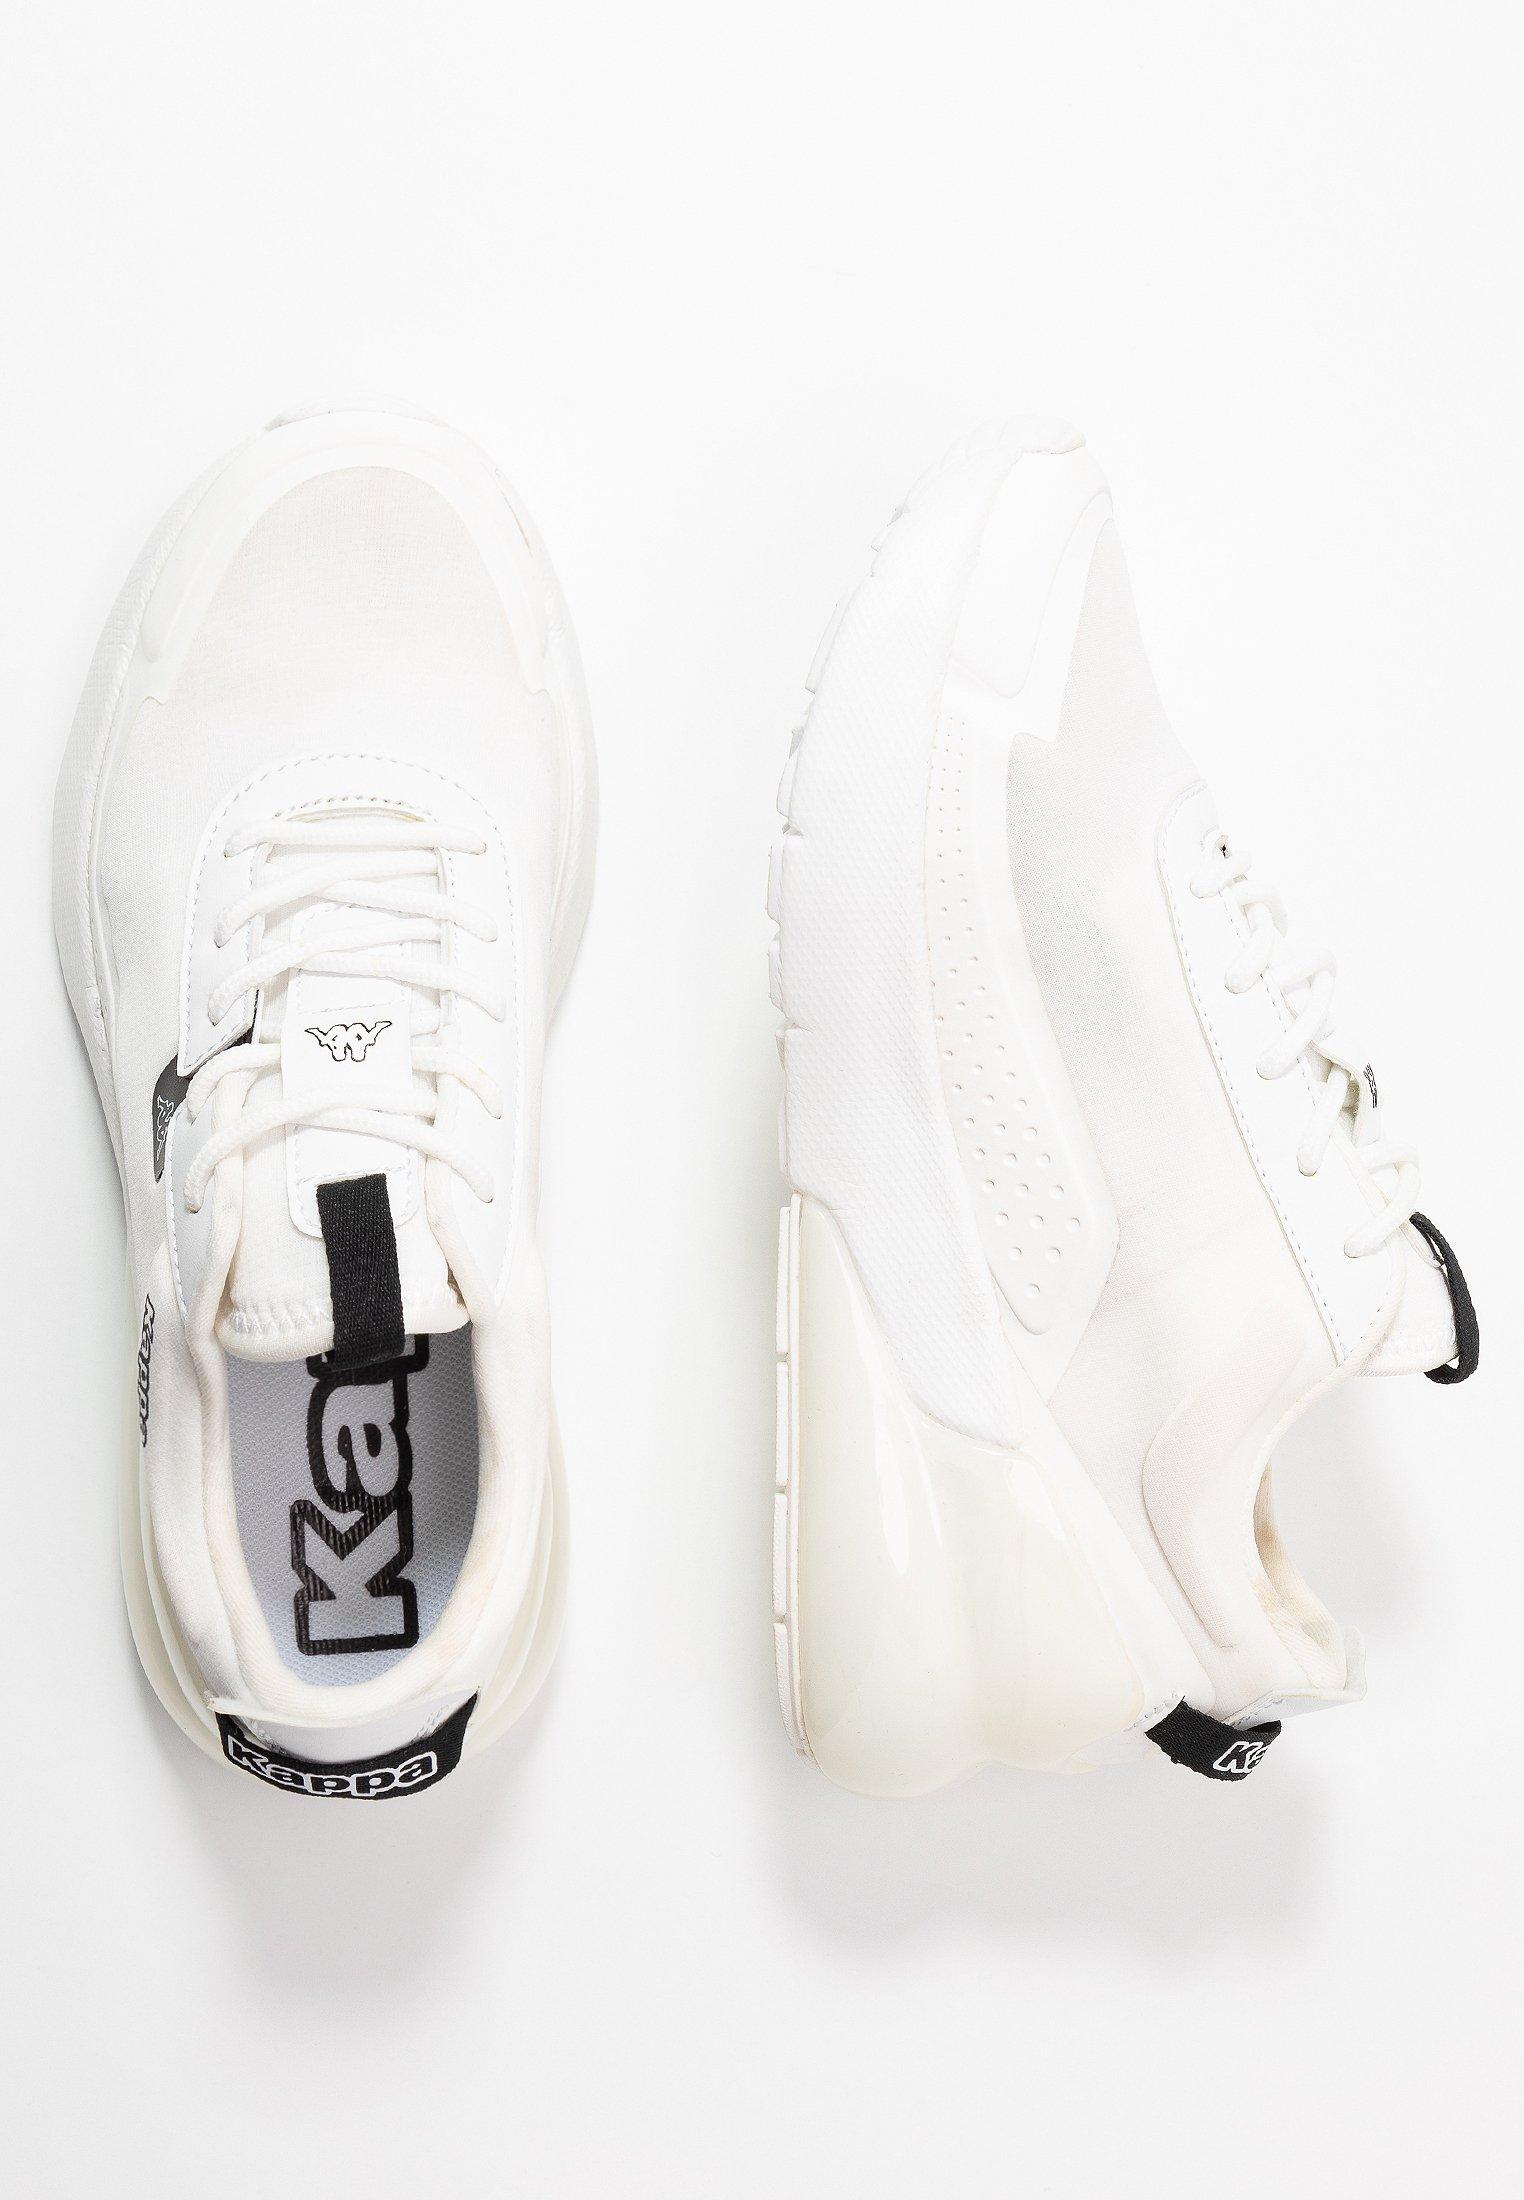 DOOLIN Chaussures d'entraînement et de fitness whiteblack